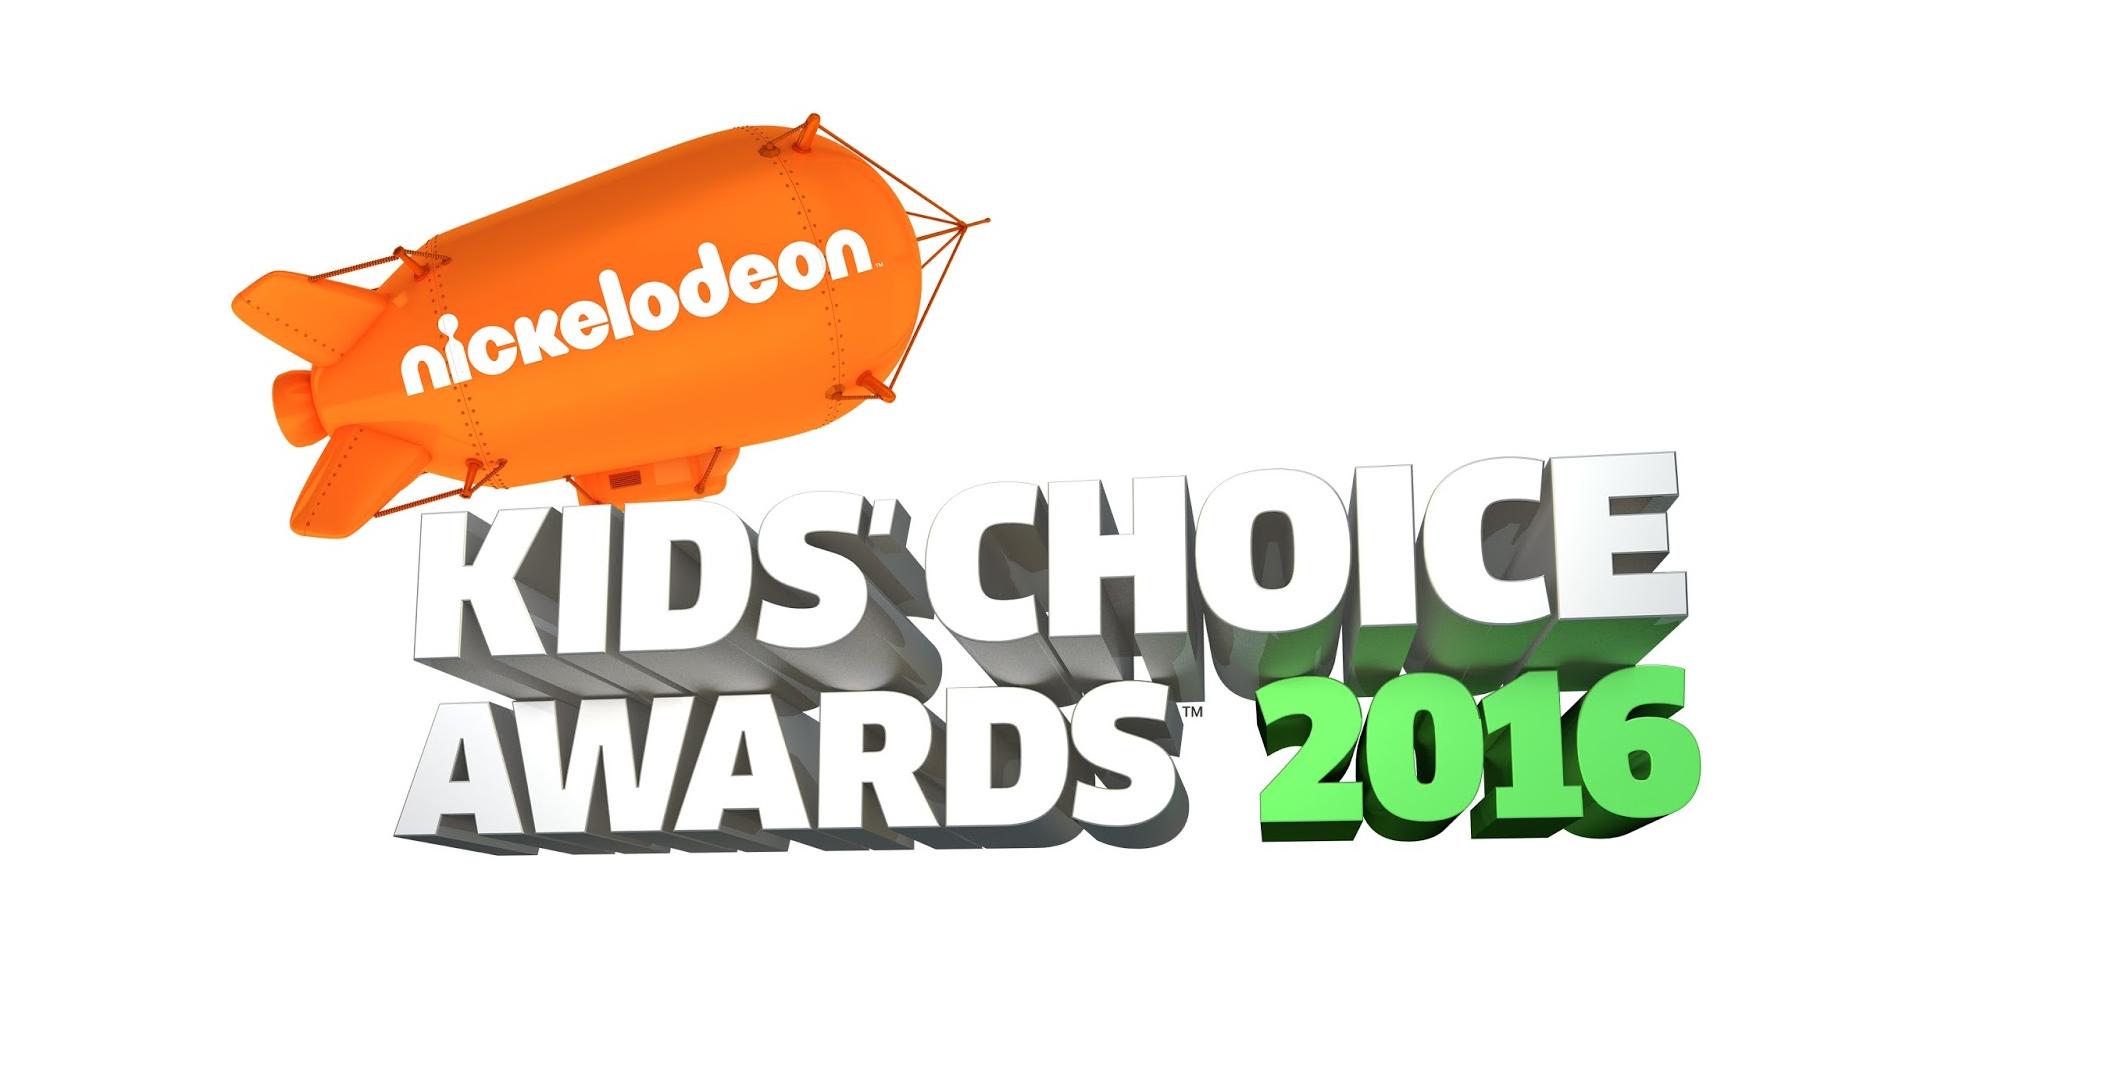 Conoce a algunos de los ganadores de los Kids' Choice Awards 2016